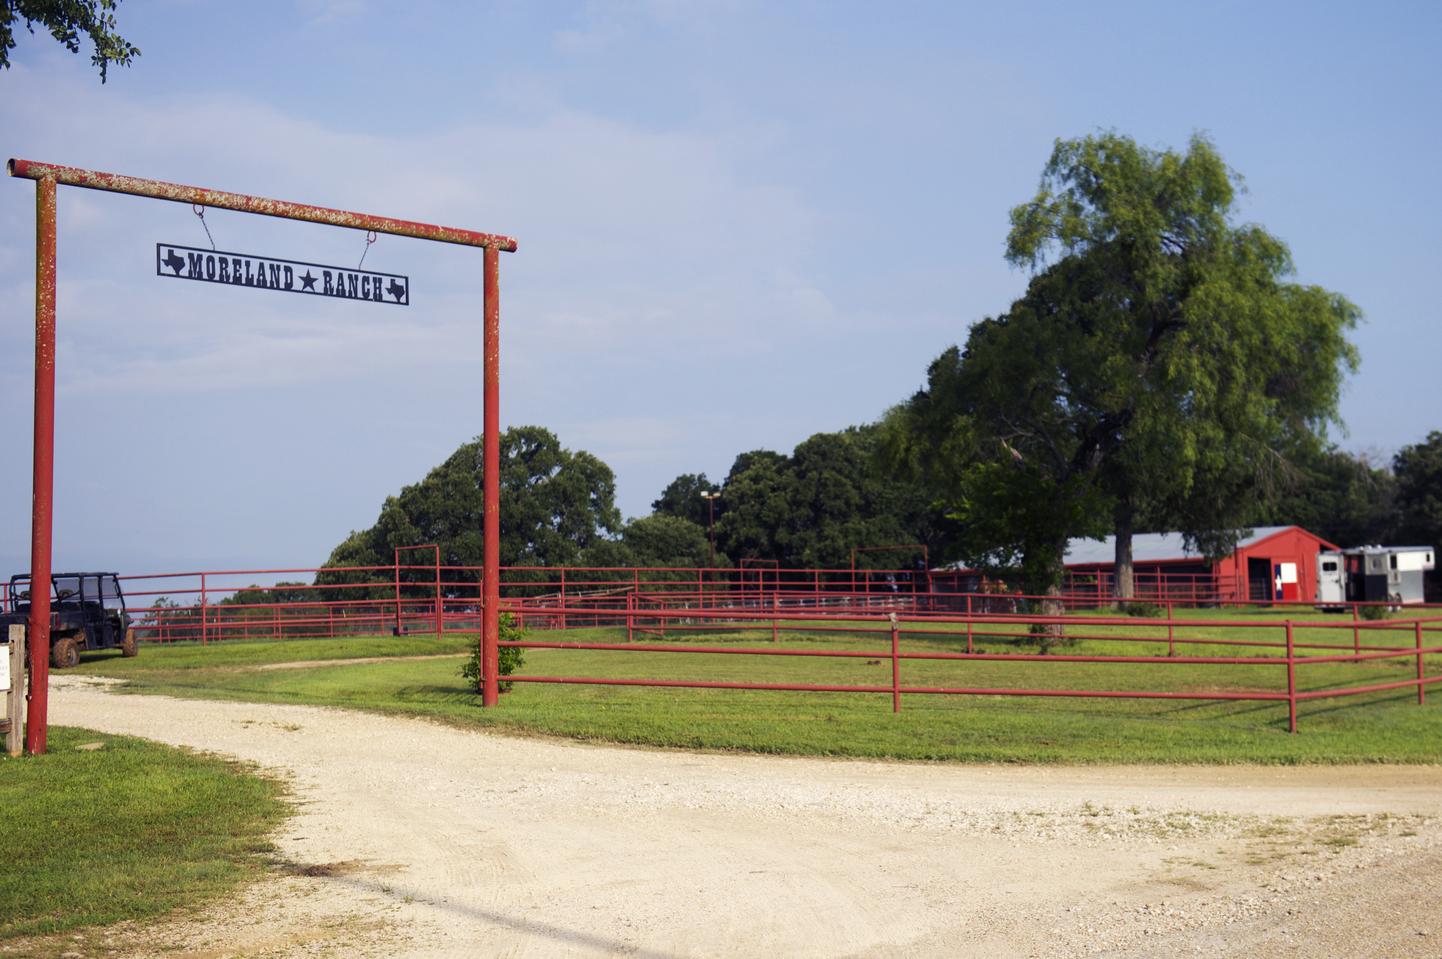 Texas Ranches Moreland Ranch